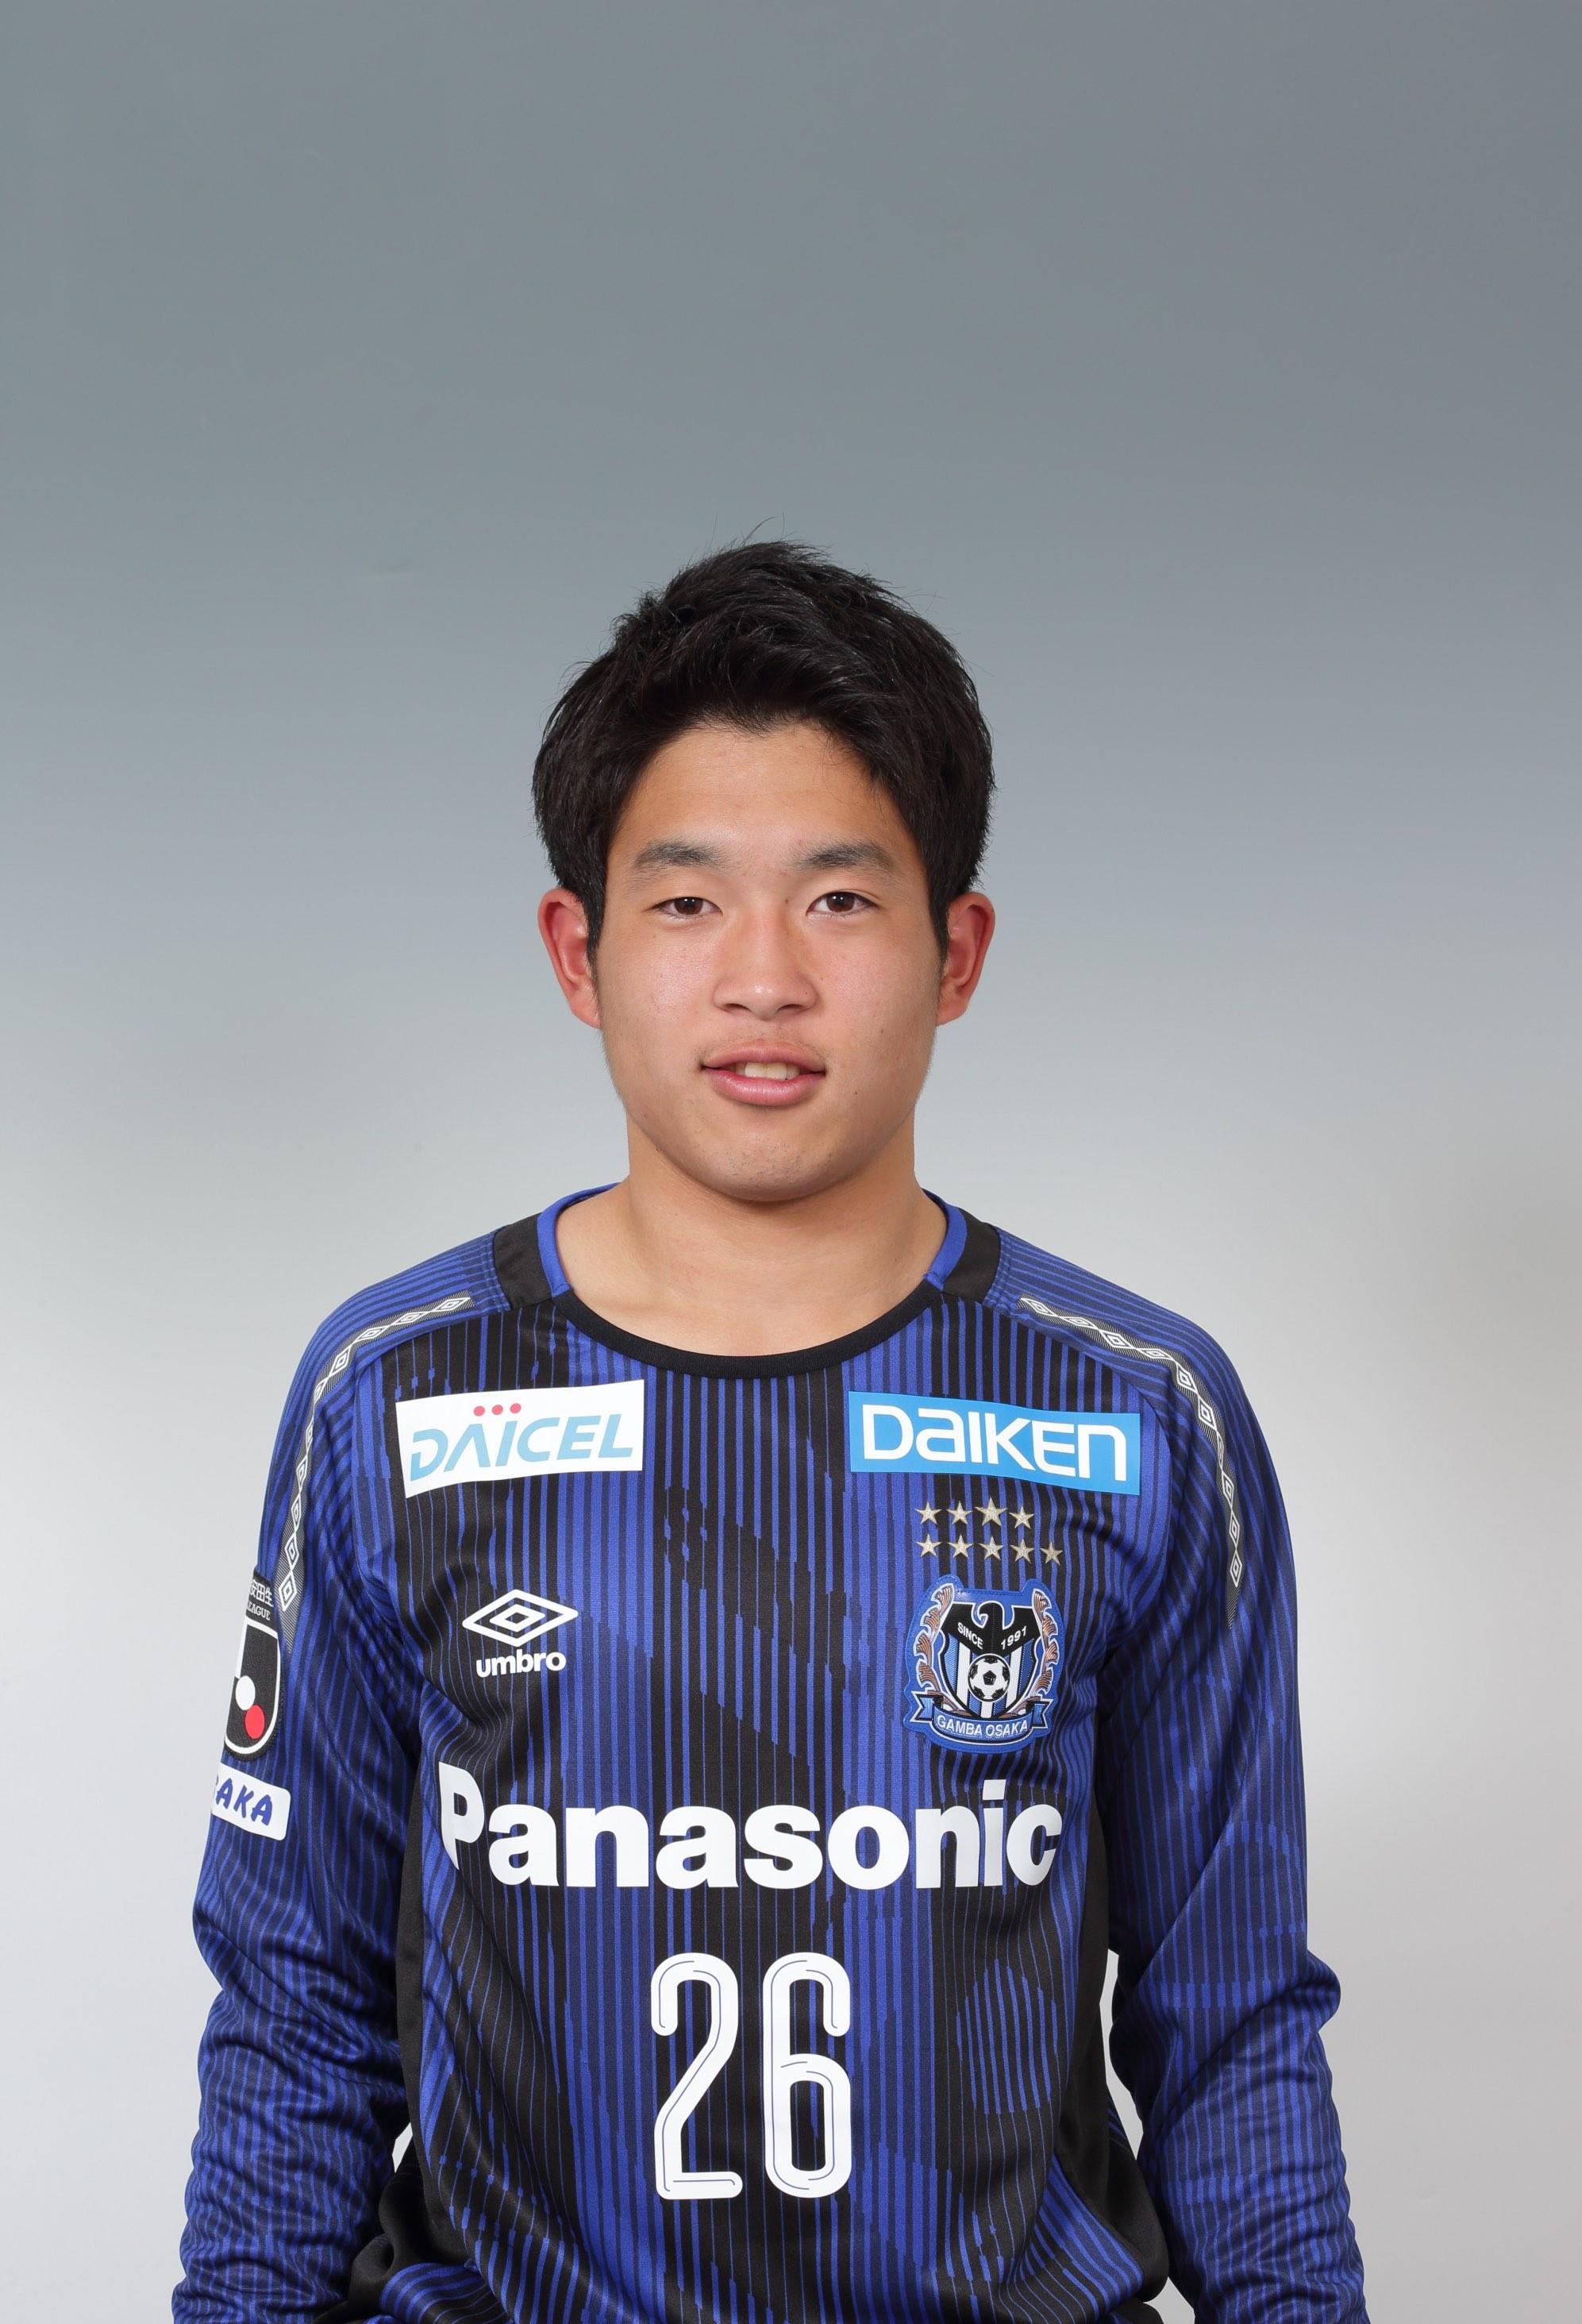 【本人直筆サイン入り公式】ガンバ大阪ユニフォーム2019HOME 奥野耕平  選手